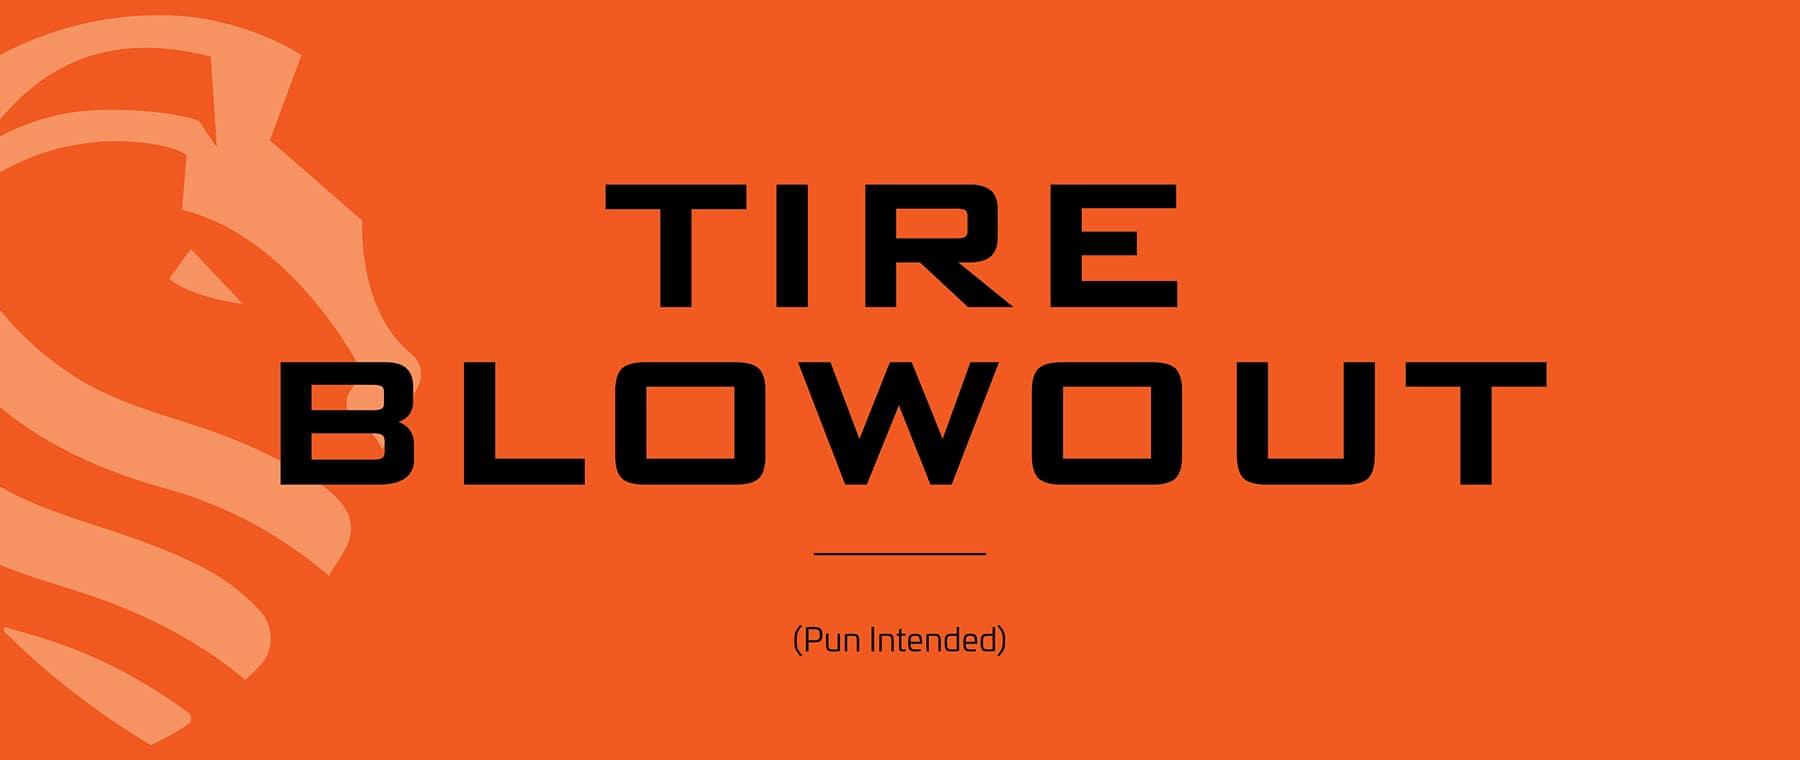 210408-KAG-TireBlowout_Orange (1)